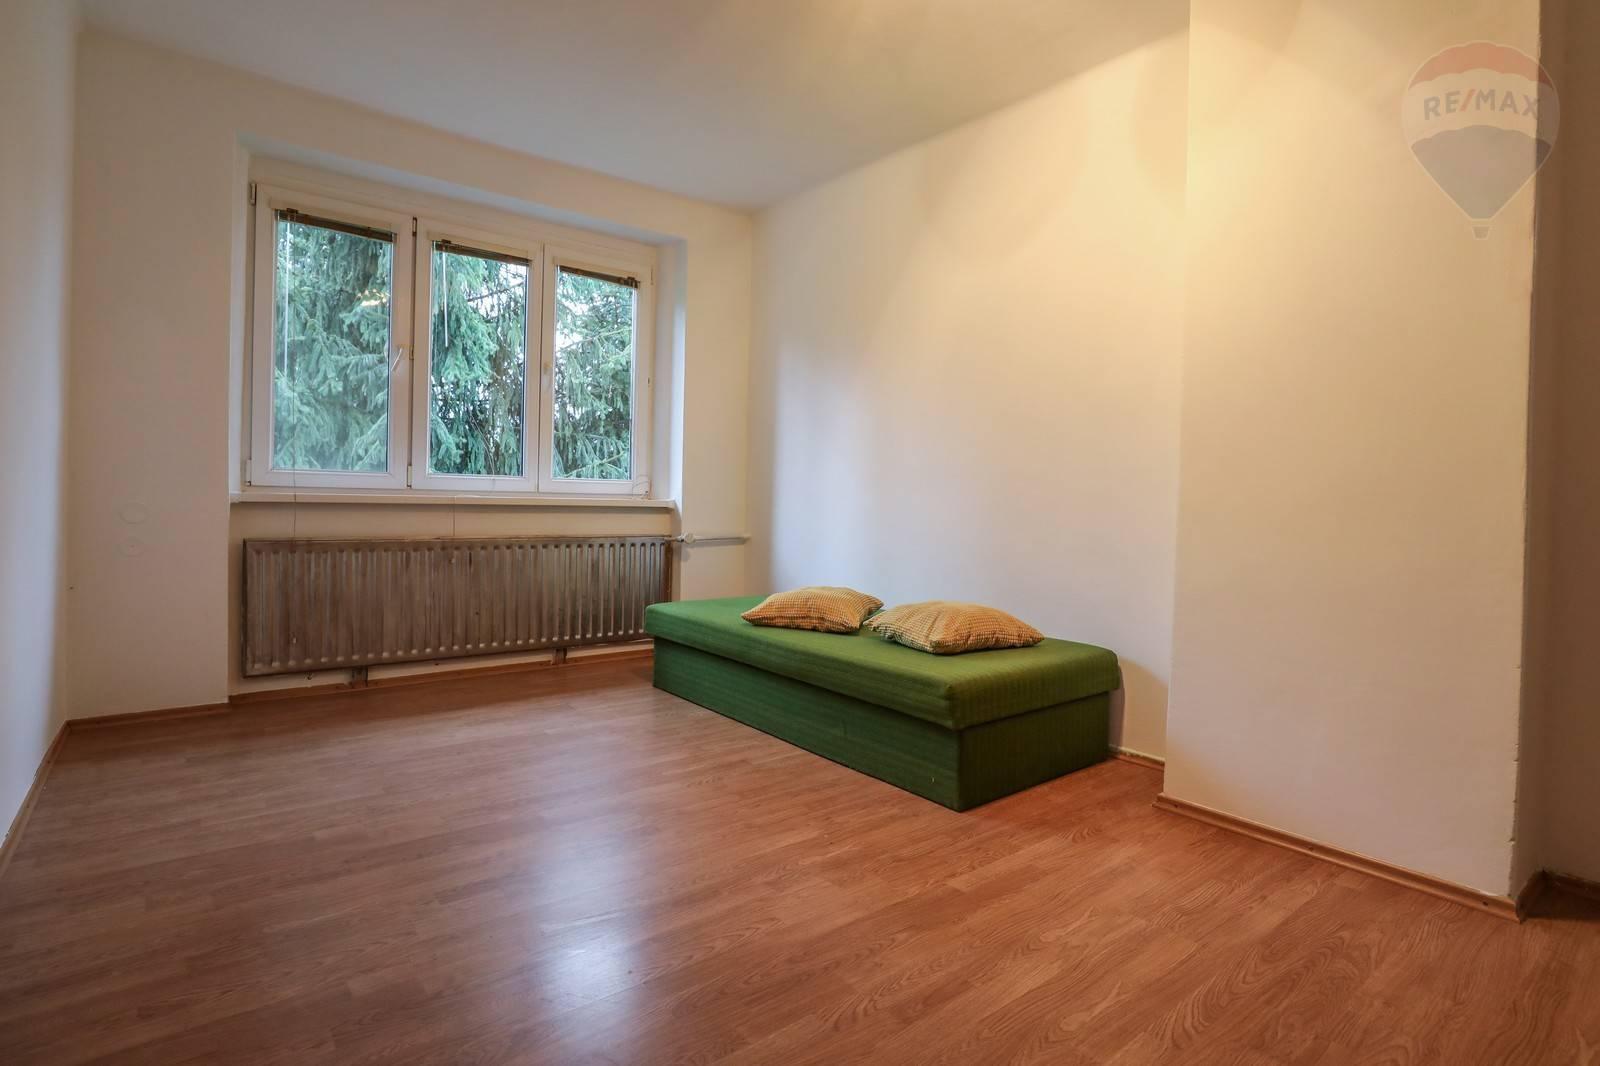 Prenájom domu 240 m2, Šamorín - Na prenájom priestranný RD - Šamorín